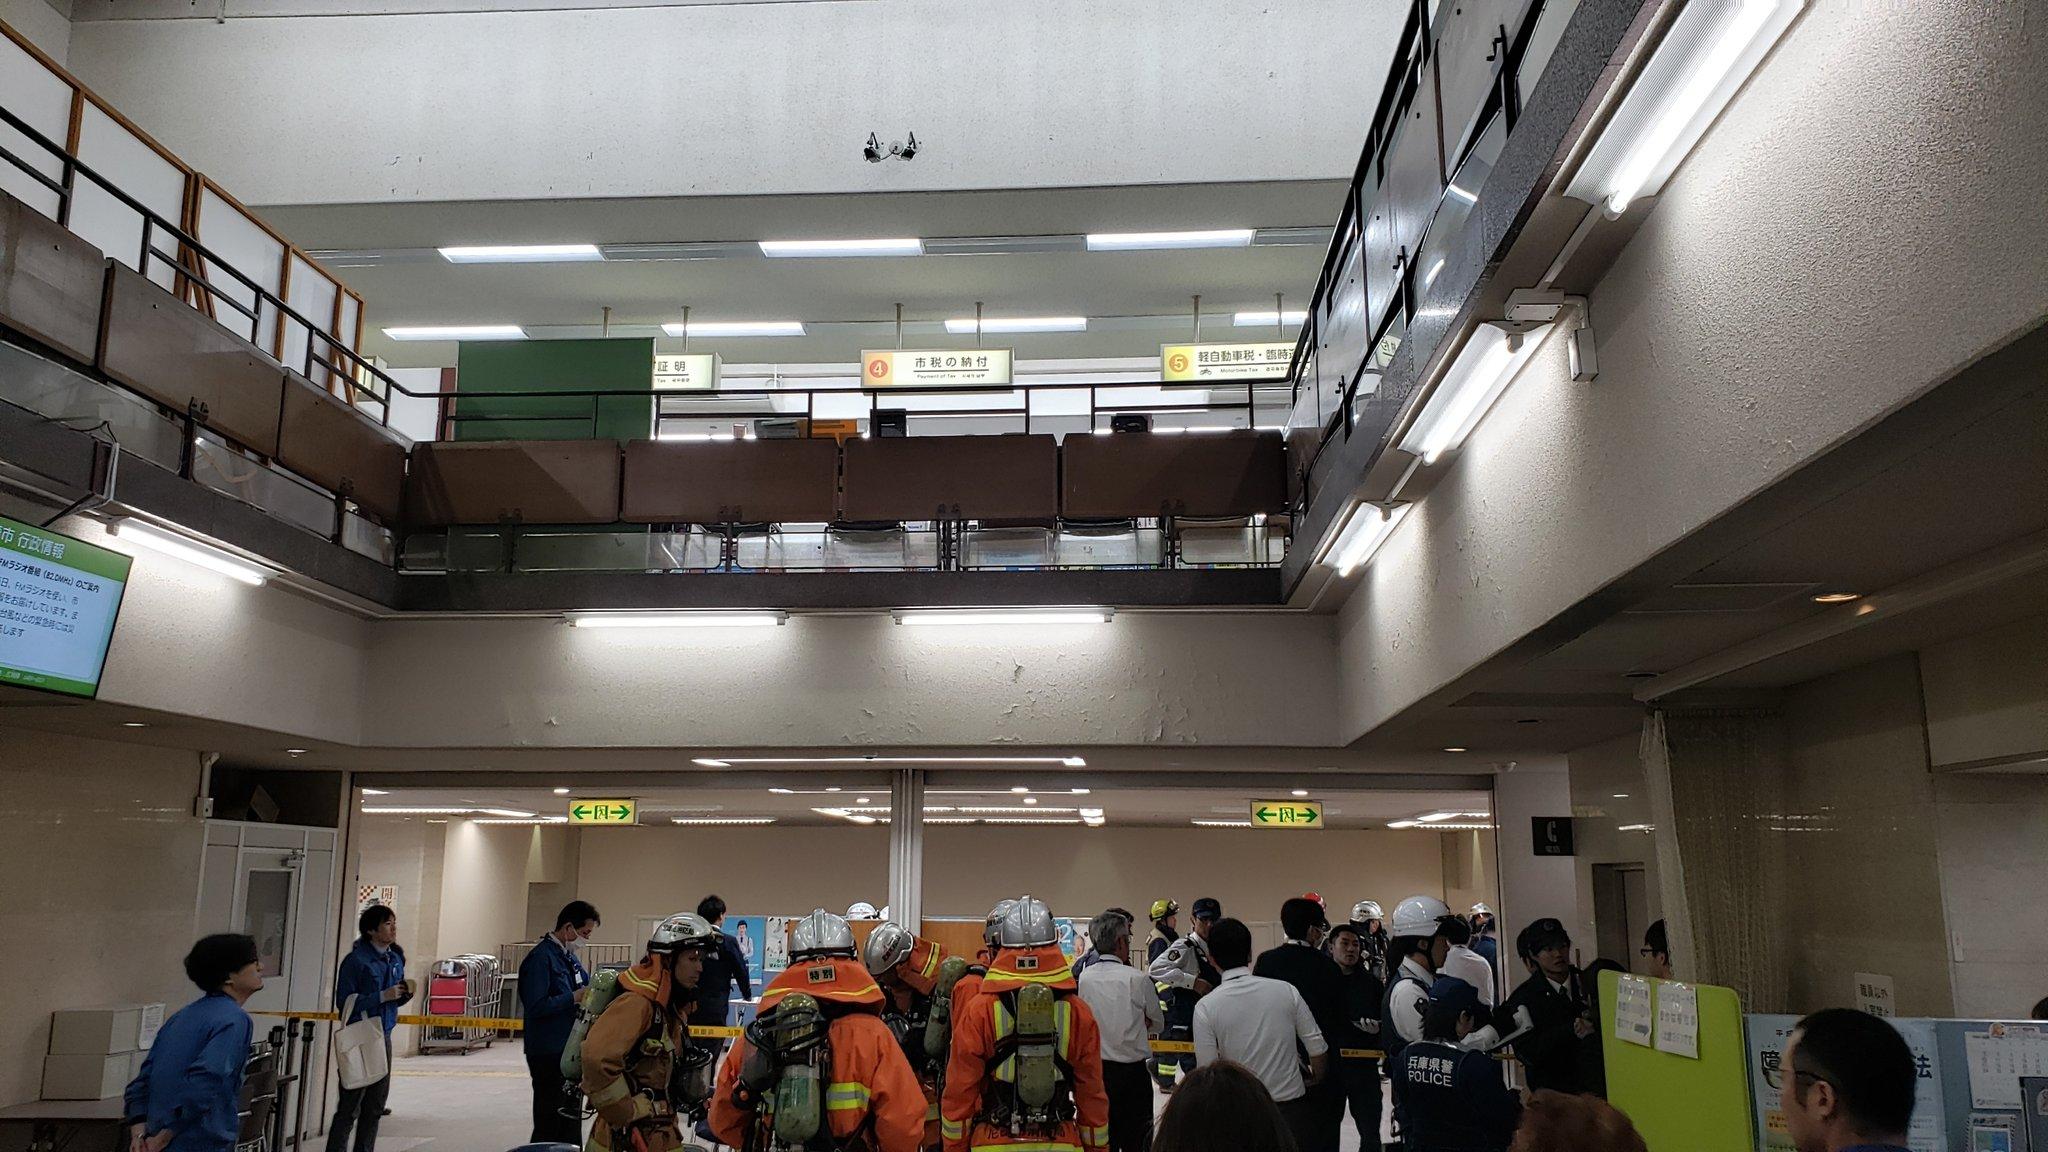 尼崎市役所で放火事件が起きた現場の画像